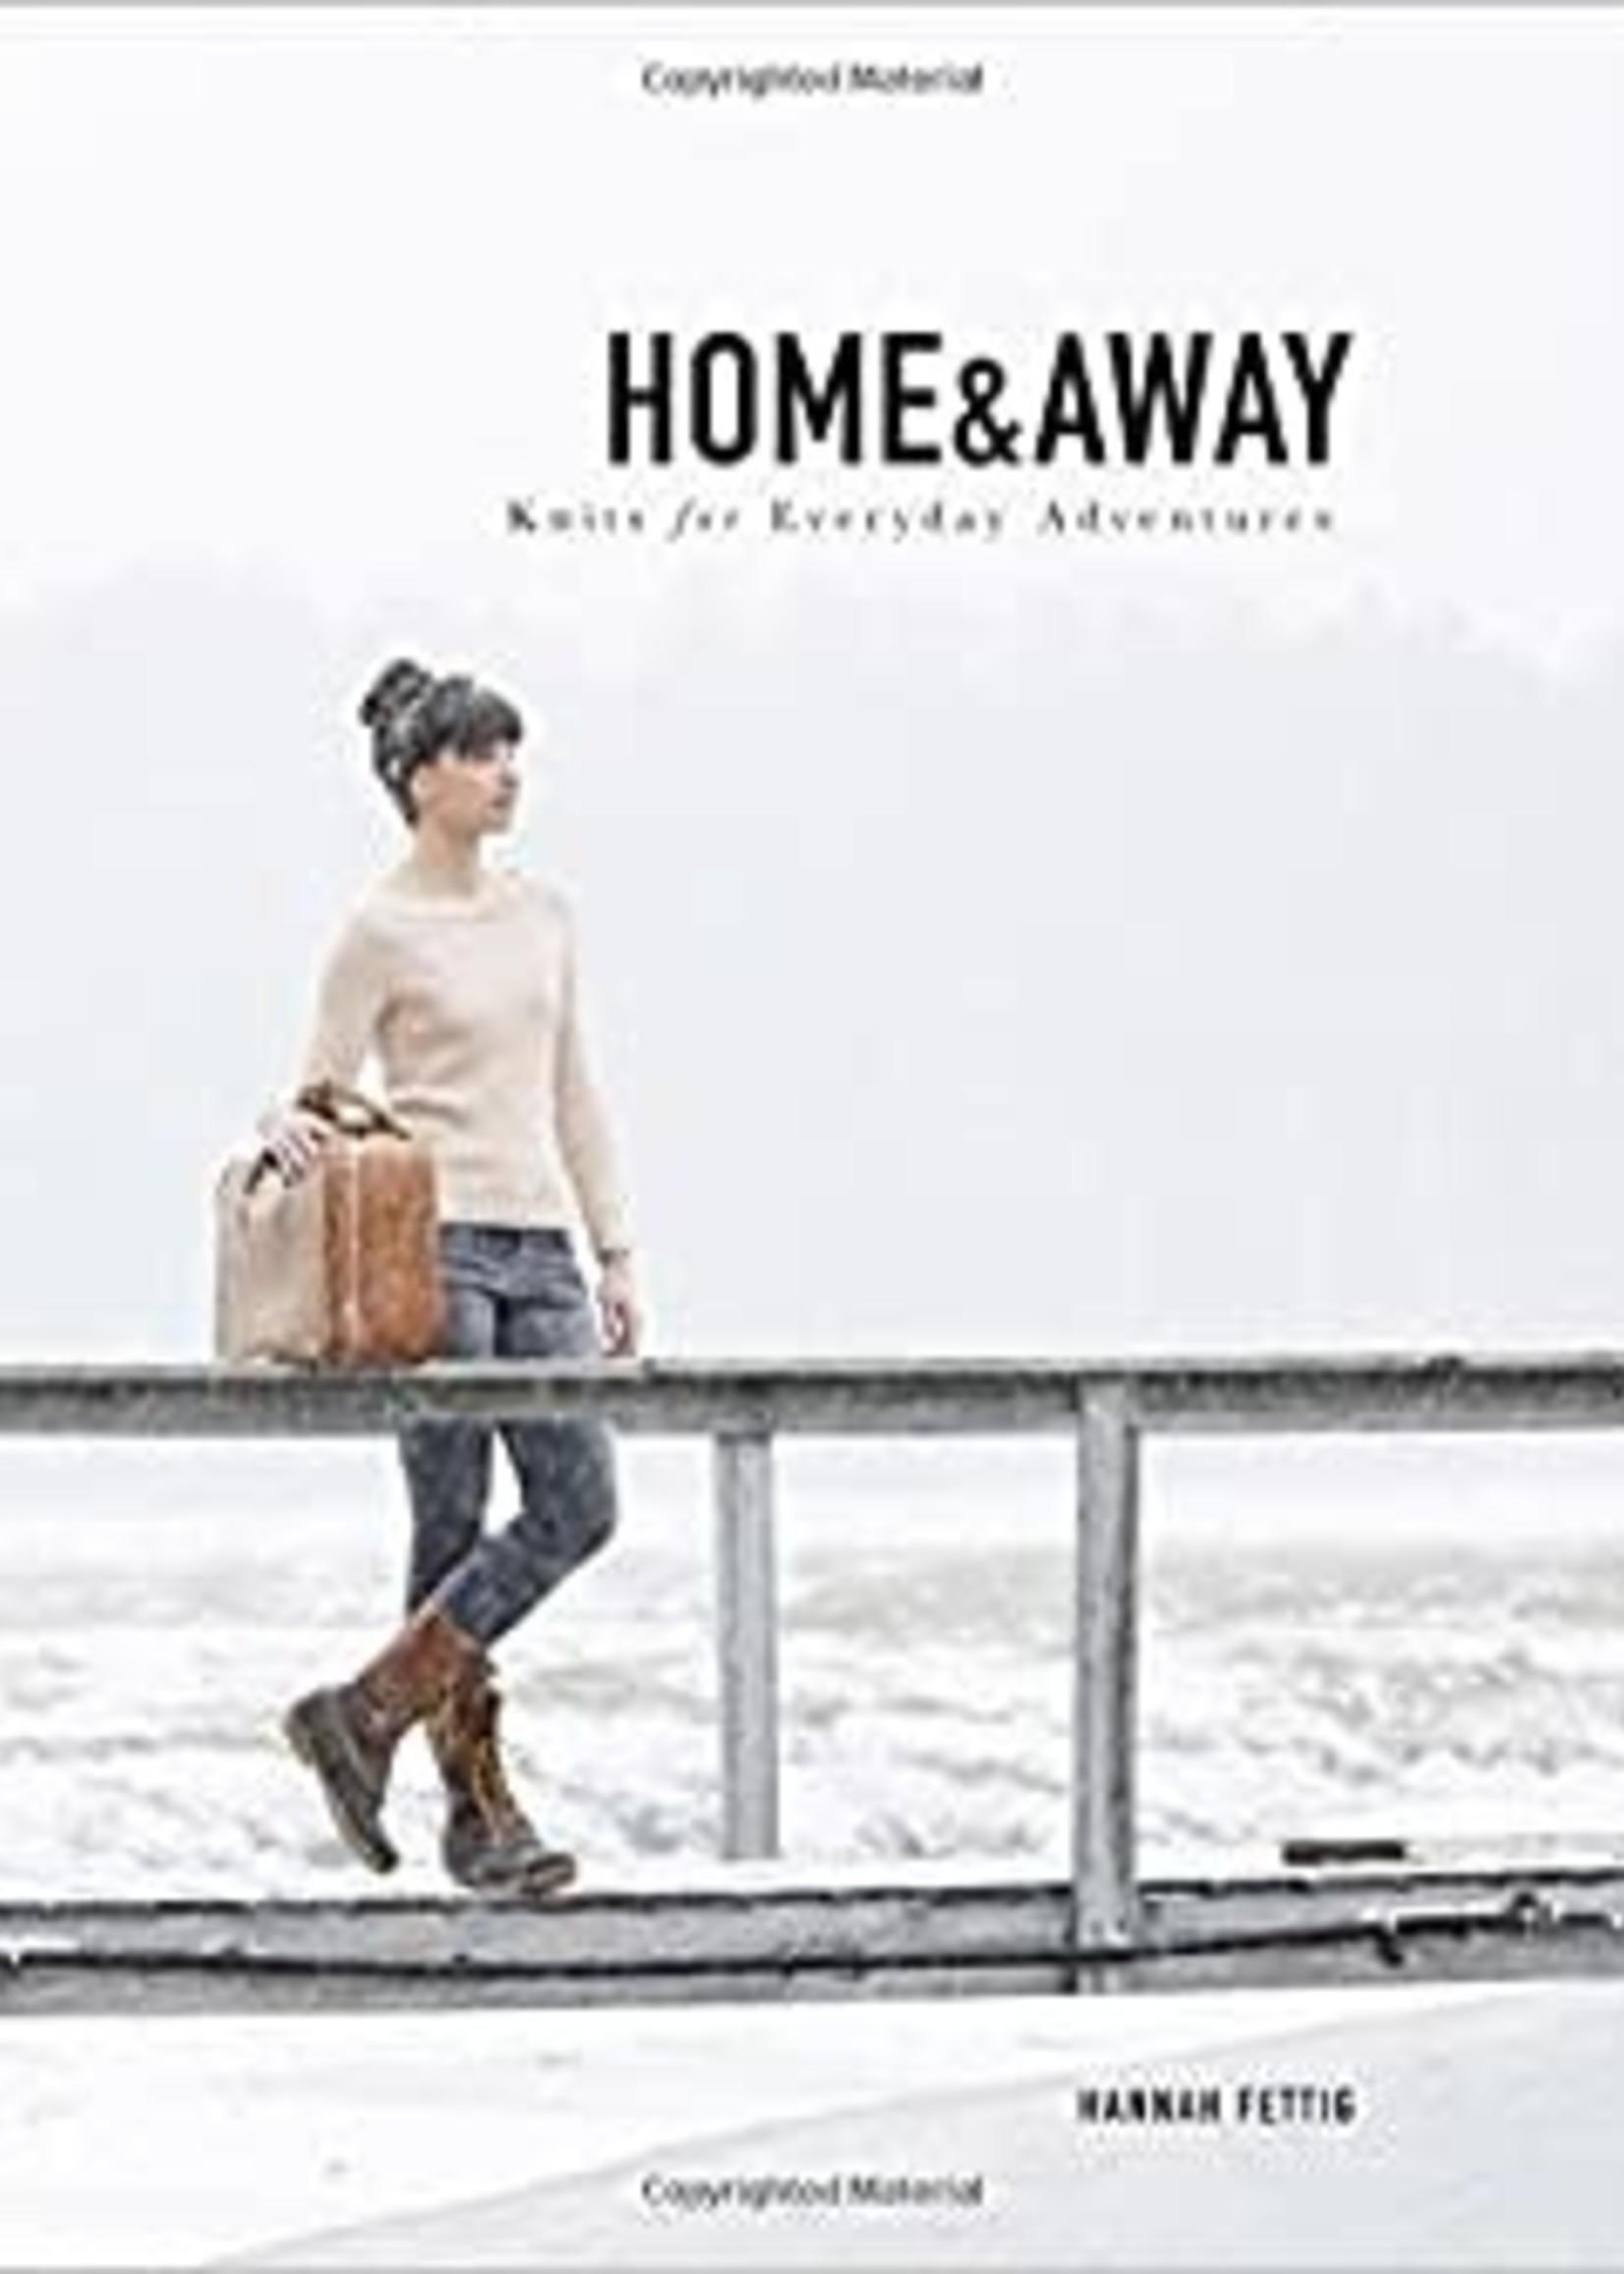 NNK Press Home and Away Hannah Fettig